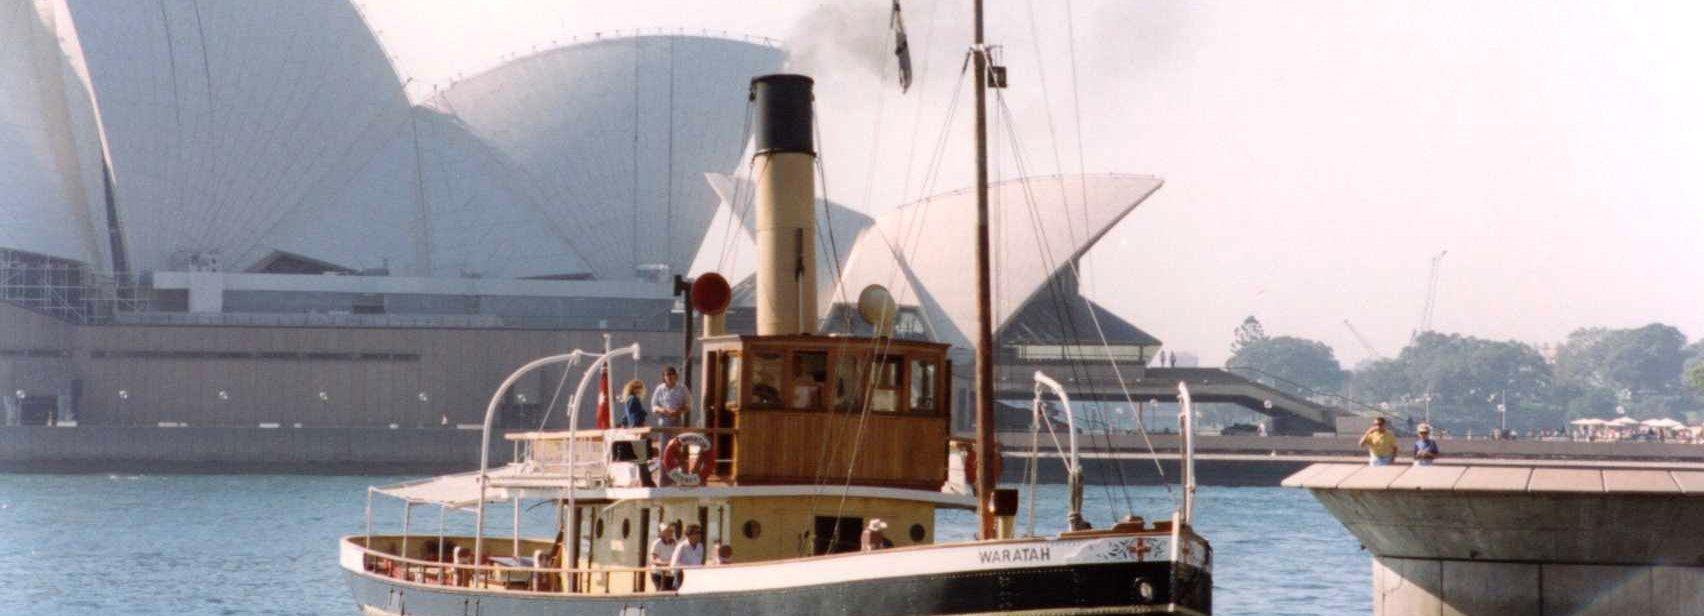 Steam tug Waratah